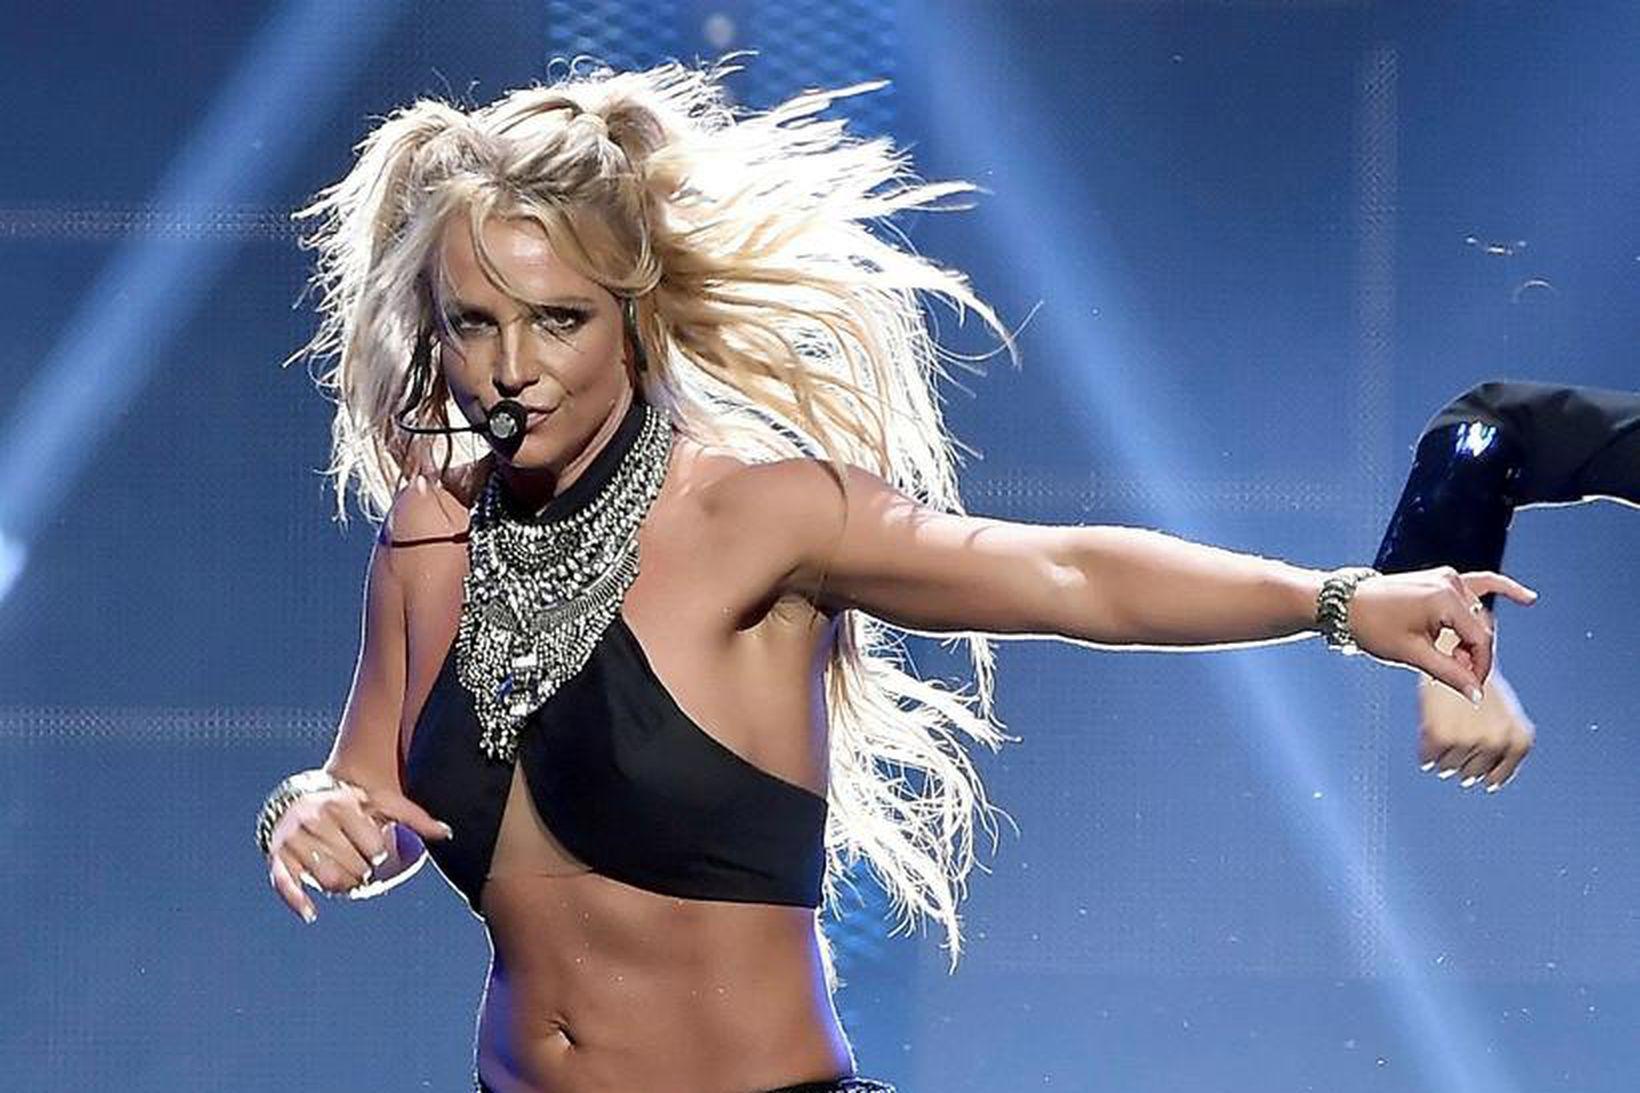 Ekki er víst hvort eða hvenær Britney Spears snúi aftur.